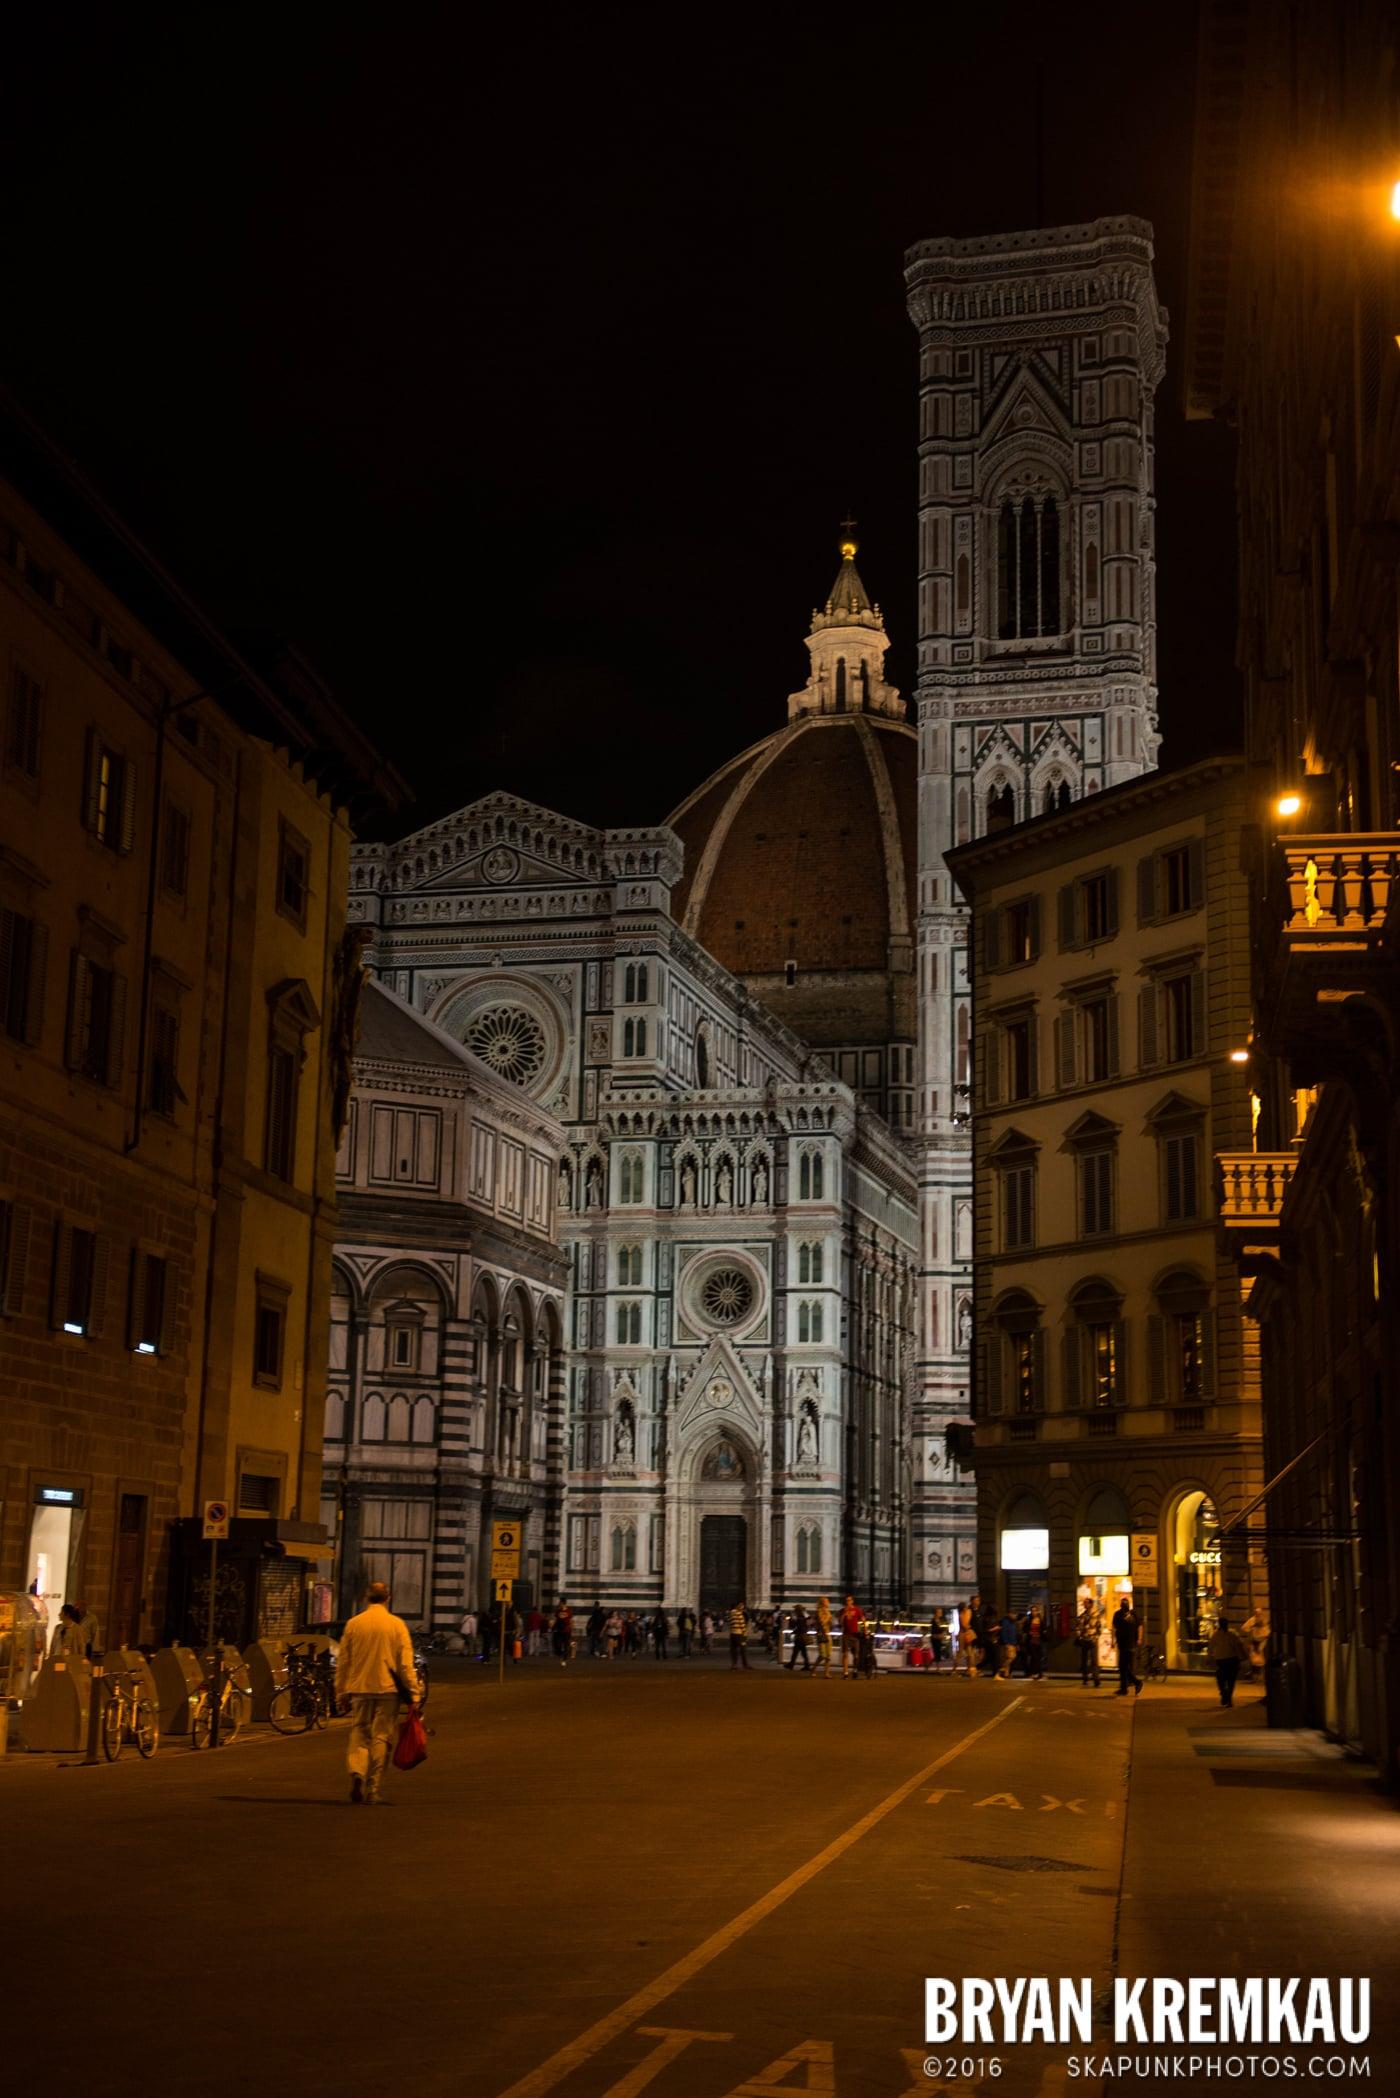 Italy Vacation - Day 8: Siena, San Gimignano, Chianti, Pisa - 9.16.13 (3)